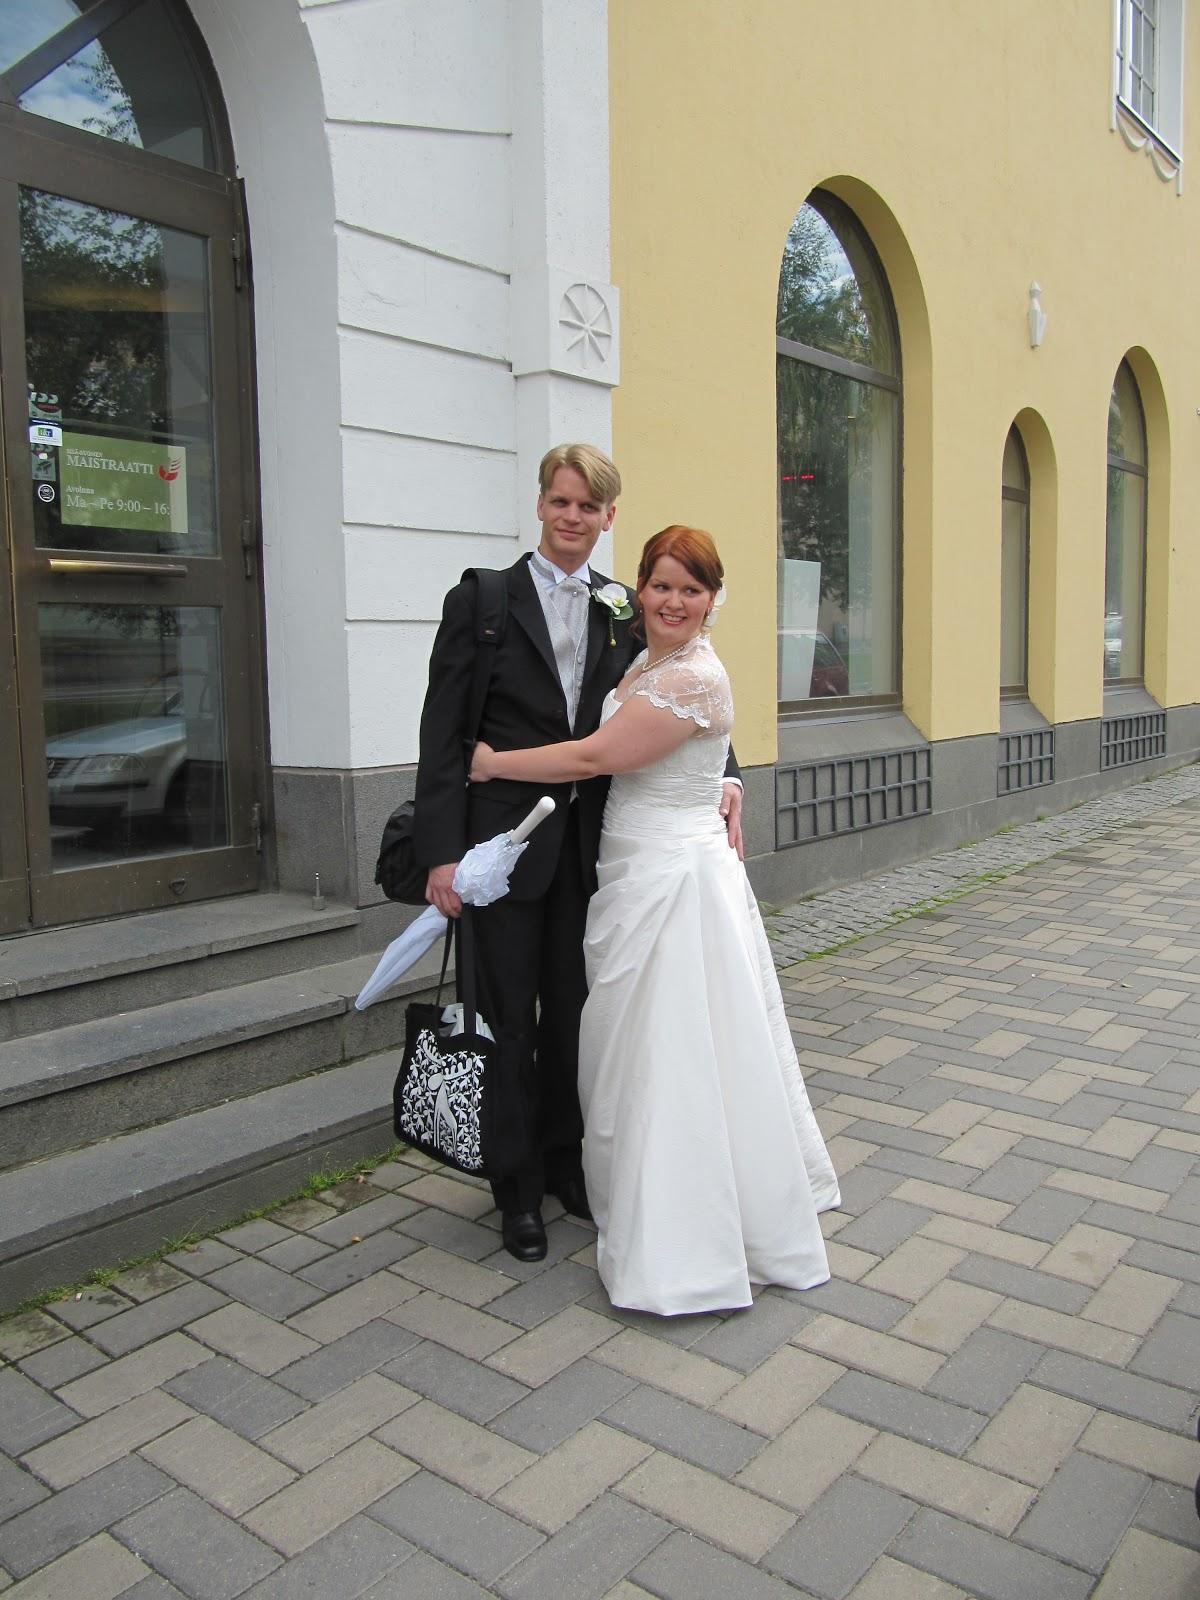 Tyttö pääsi naimisiin!: Vihkiminen